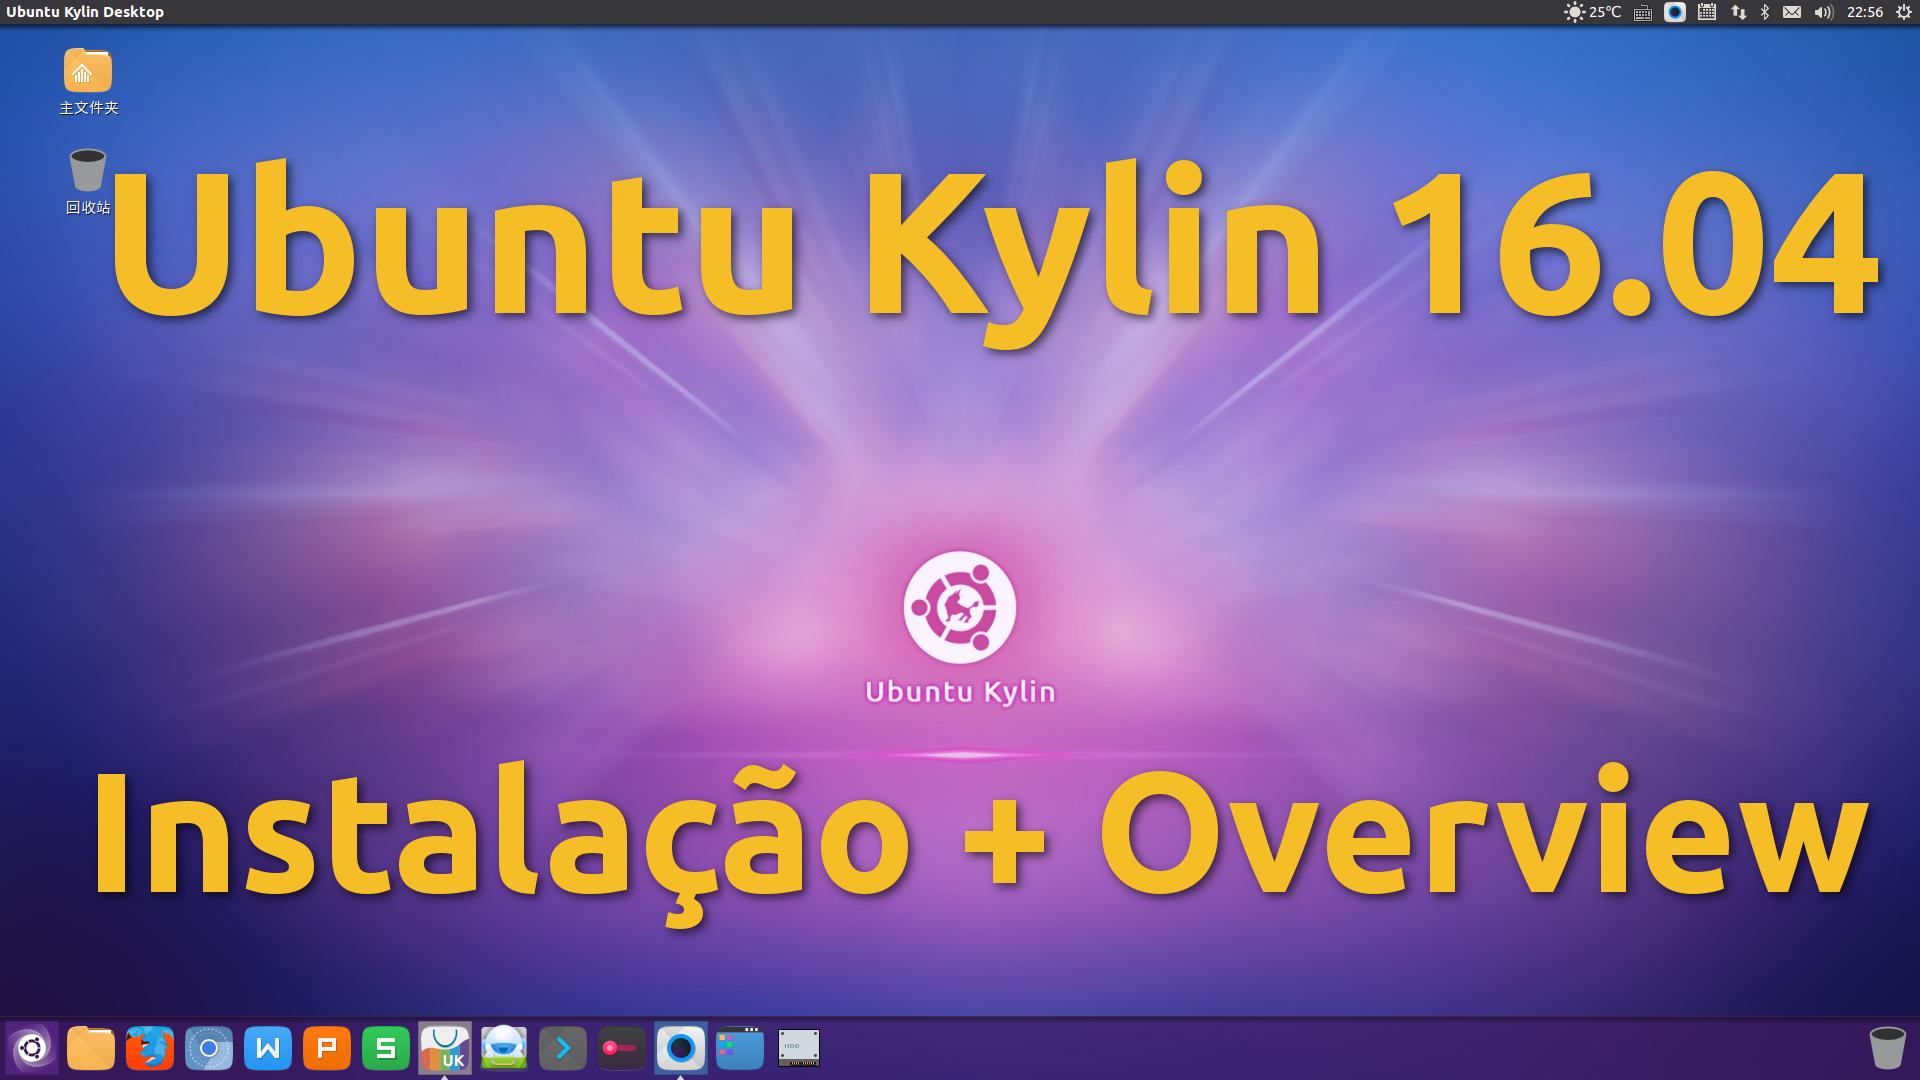 Ubuntu Kylin 16.04 – Instalação e Overview